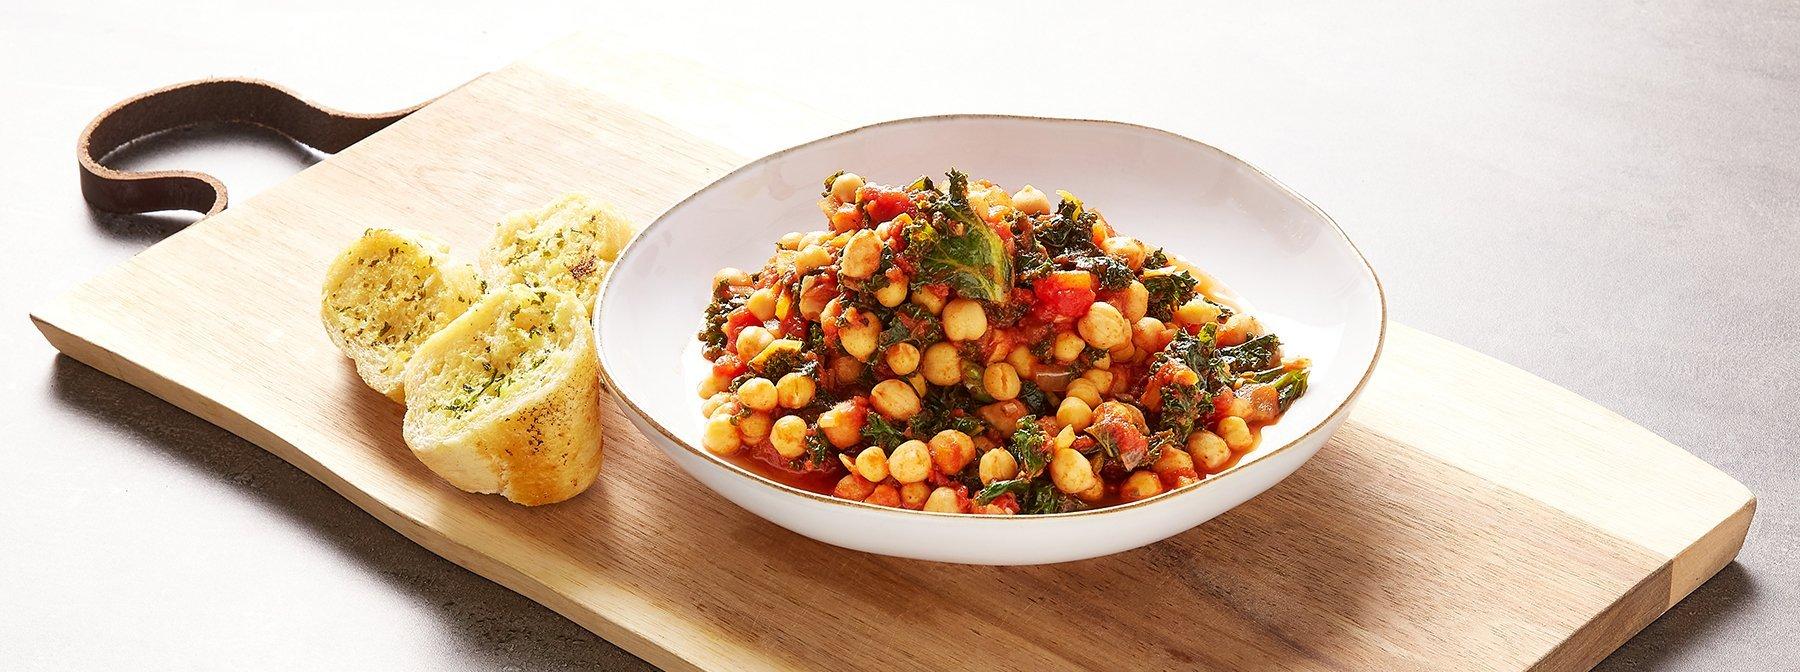 3 schnelle & leichte Rezepte mit Zutaten aus deinem Küchenschrank